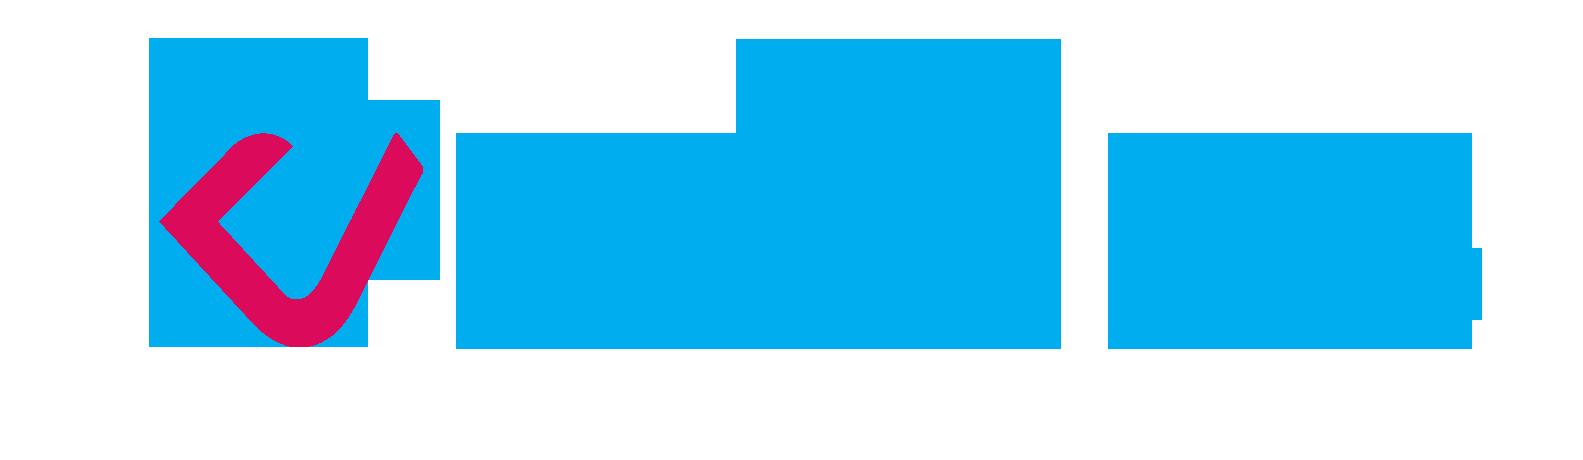 Kvcodes